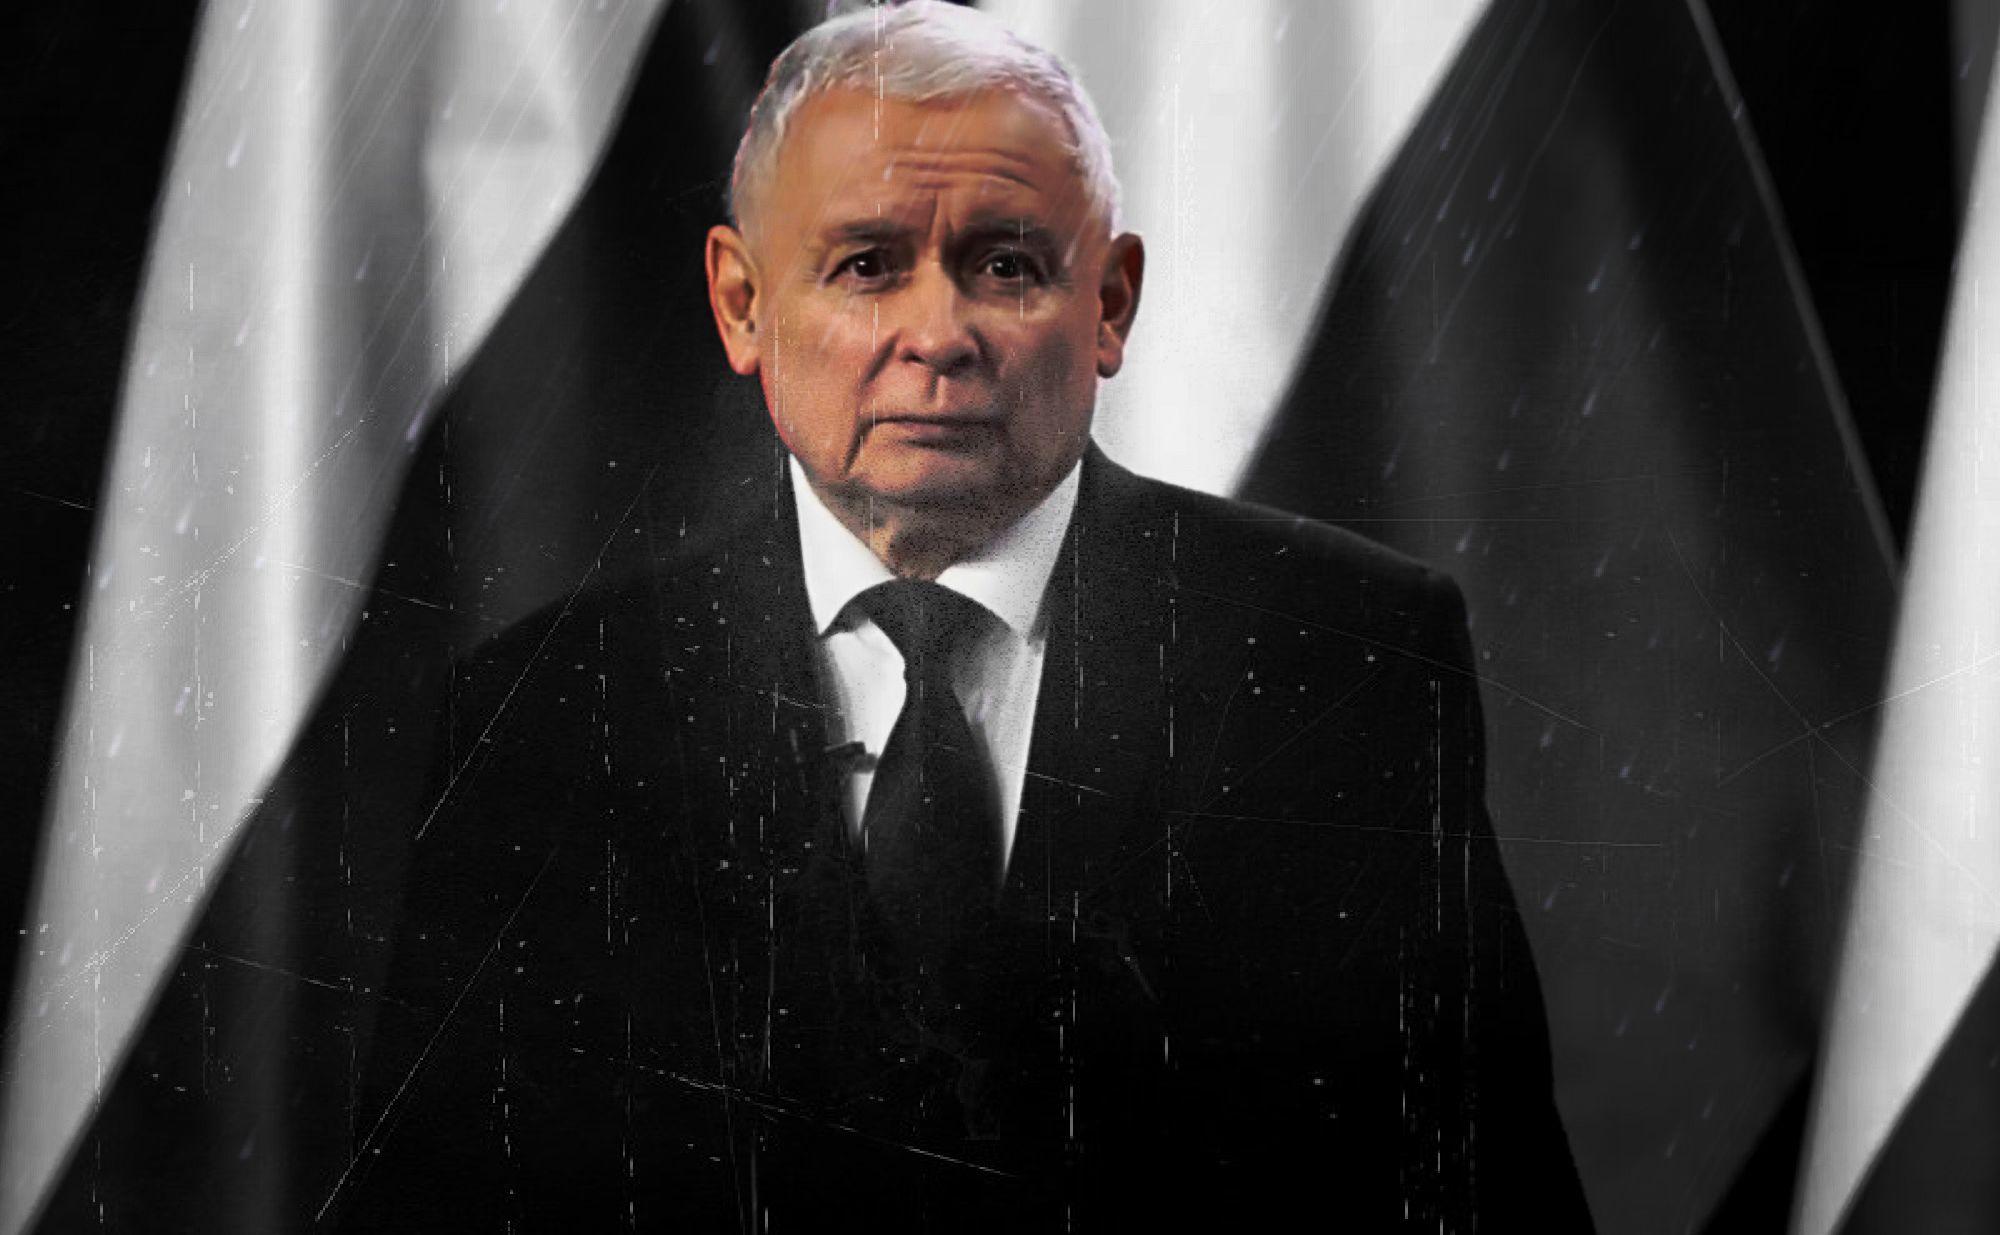 Potwierdzono, że Kaczyński umiera? Źródło informacji to Palikot